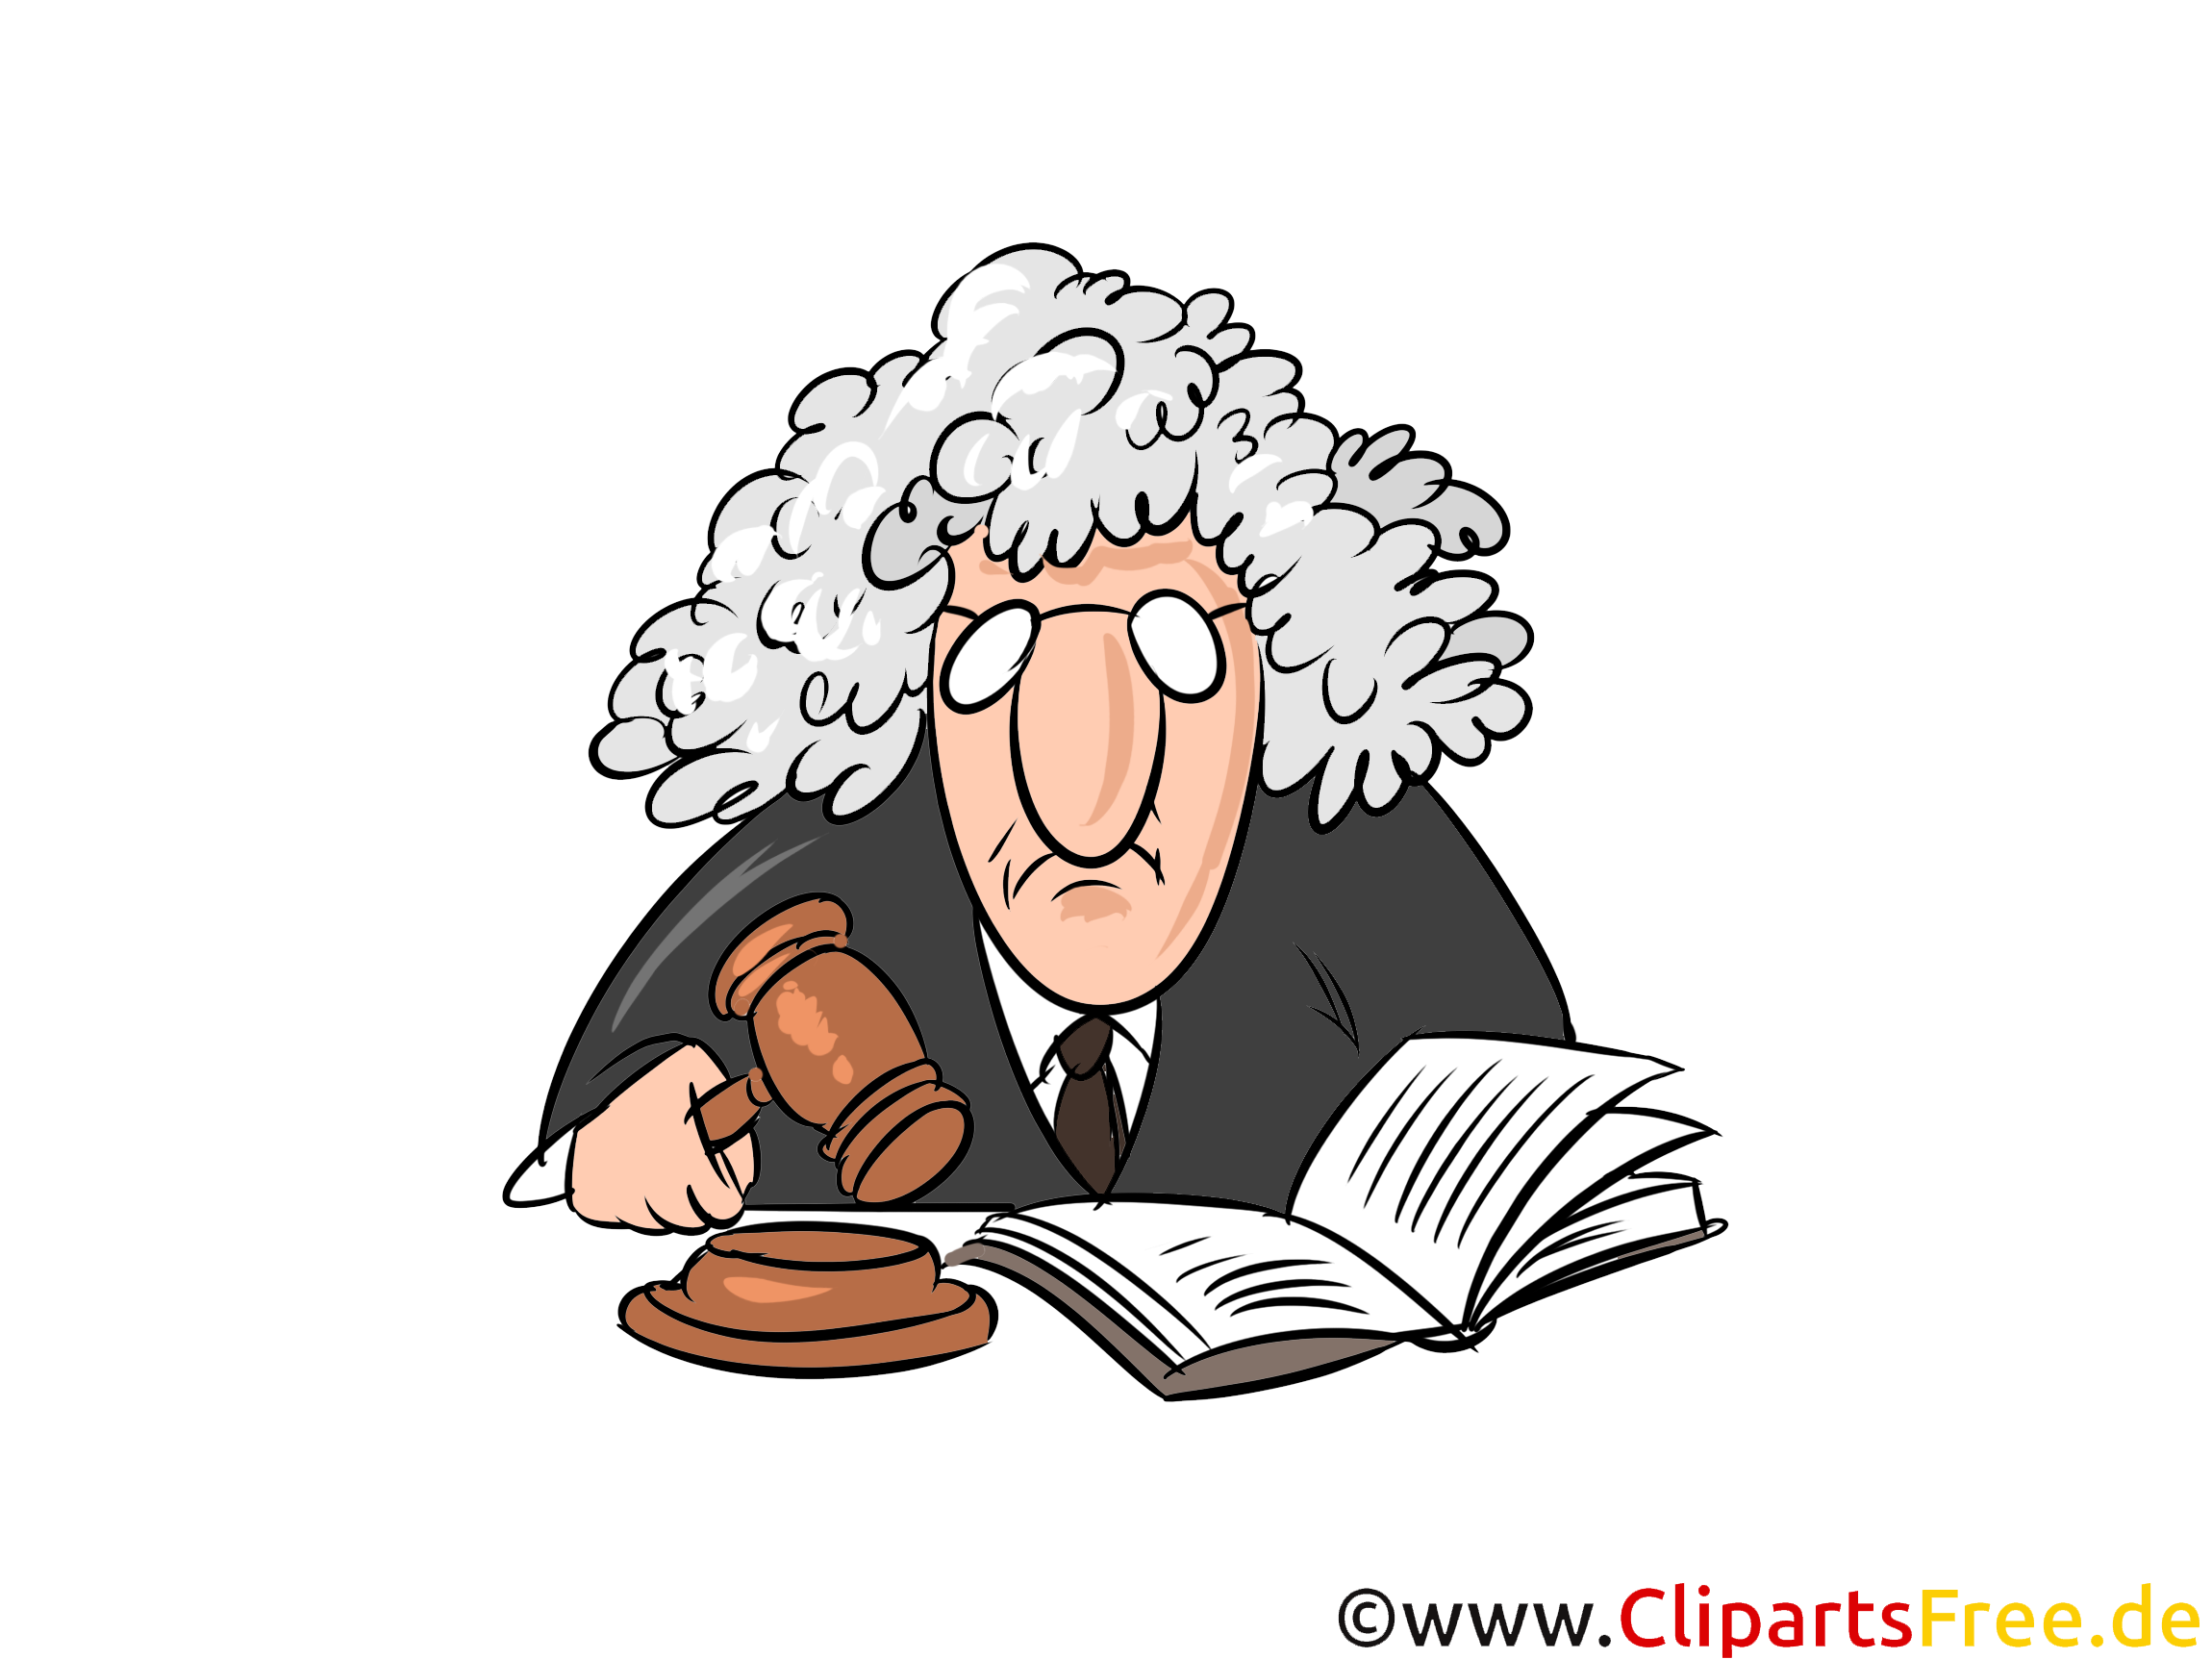 Richter, Justiz Bilder, Cliparts, Illustrationen